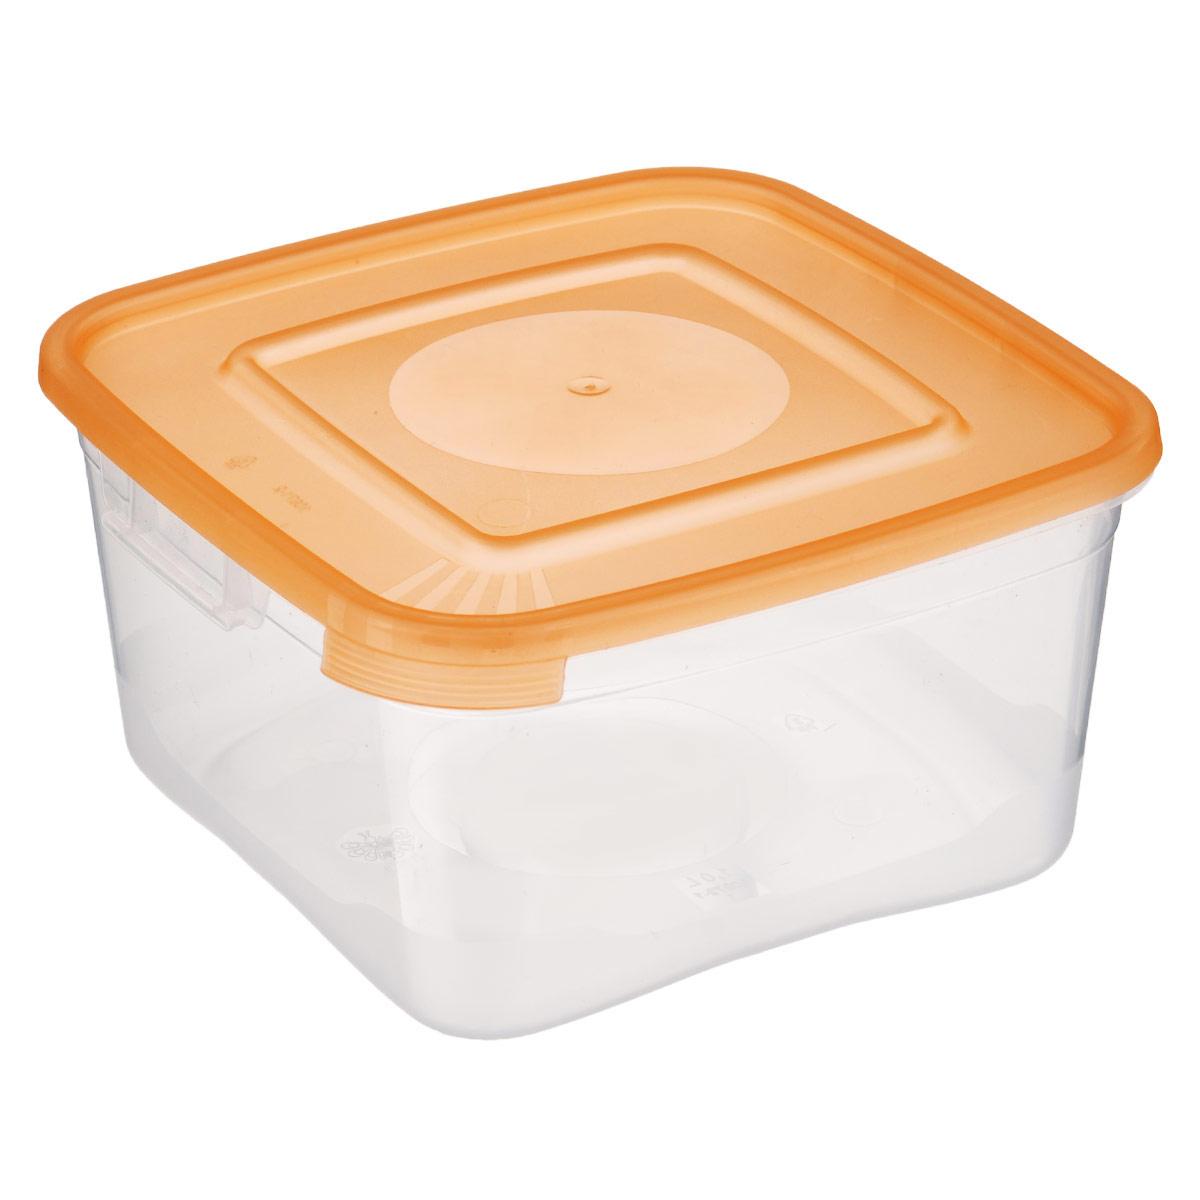 Контейнер Полимербыт Каскад, цвет: прозрачный, оранжевый, 1 лС670 оранжевыйКонтейнер Полимербыт Каскад квадратной формы, изготовленный из прочного пластика, предназначен специально для хранения пищевых продуктов. Крышка легко открывается и плотно закрывается. Контейнер устойчив к воздействию масел и жиров, легко моется. Прозрачные стенки позволяют видеть содержимое. Контейнер имеет возможность хранения продуктов глубокой заморозки, обладает высокой прочностью. Можно мыть в посудомоечной машине. Подходит для использования в микроволновых печах.